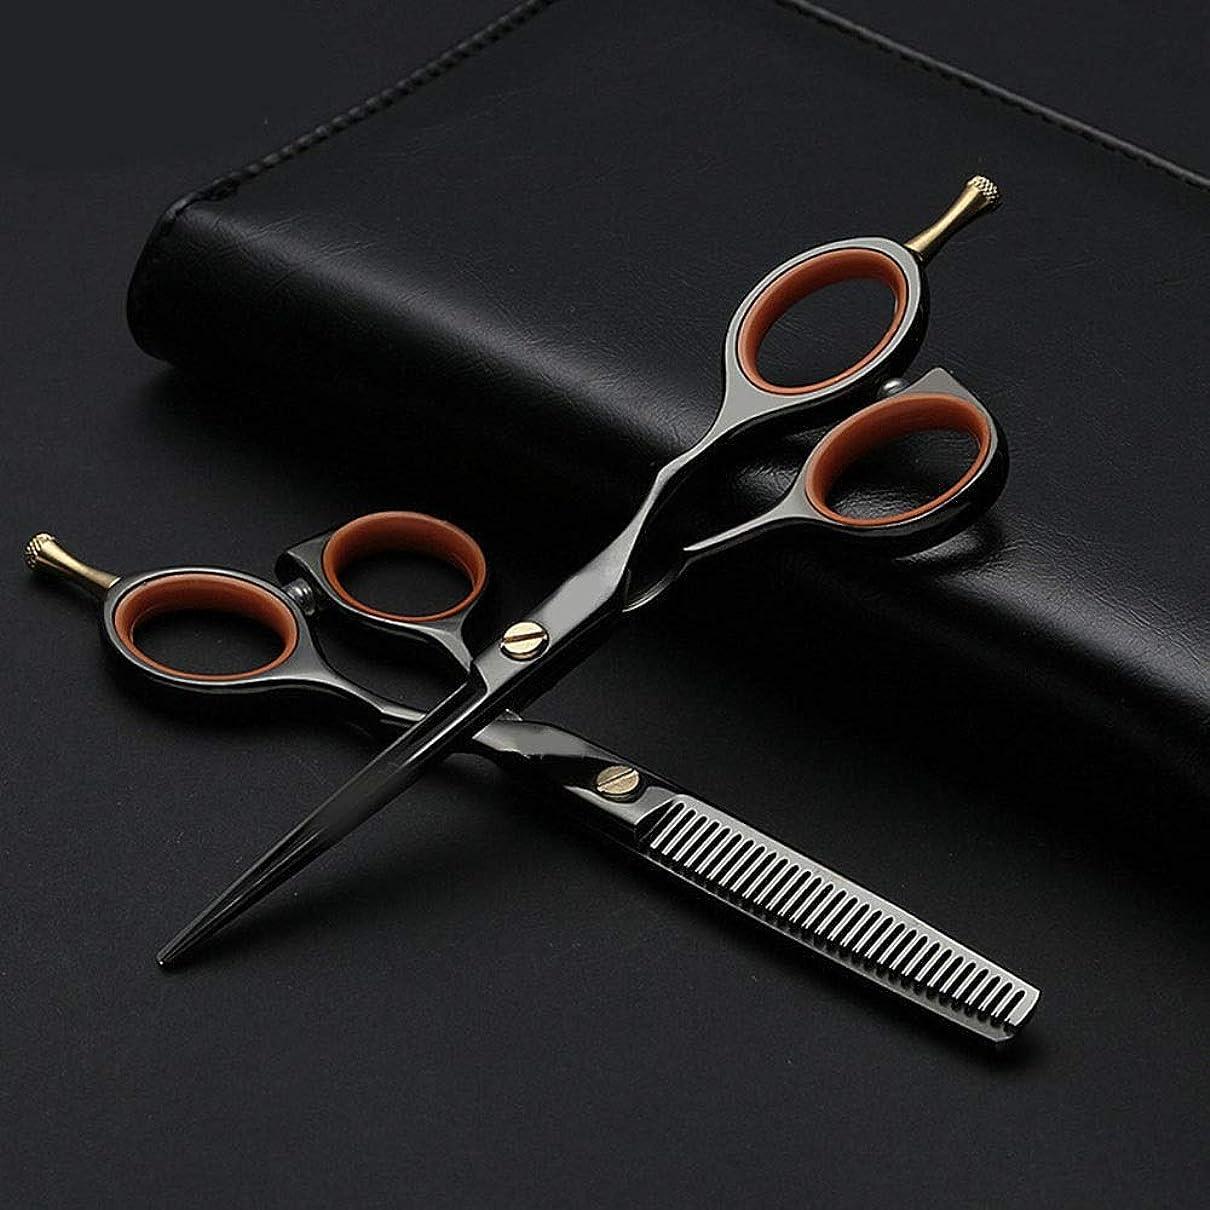 月曜無効アテンダント5.5インチの専門の理髪セット、平らな+歯はさみのヘアーサロン モデリングツール (色 : 黒)